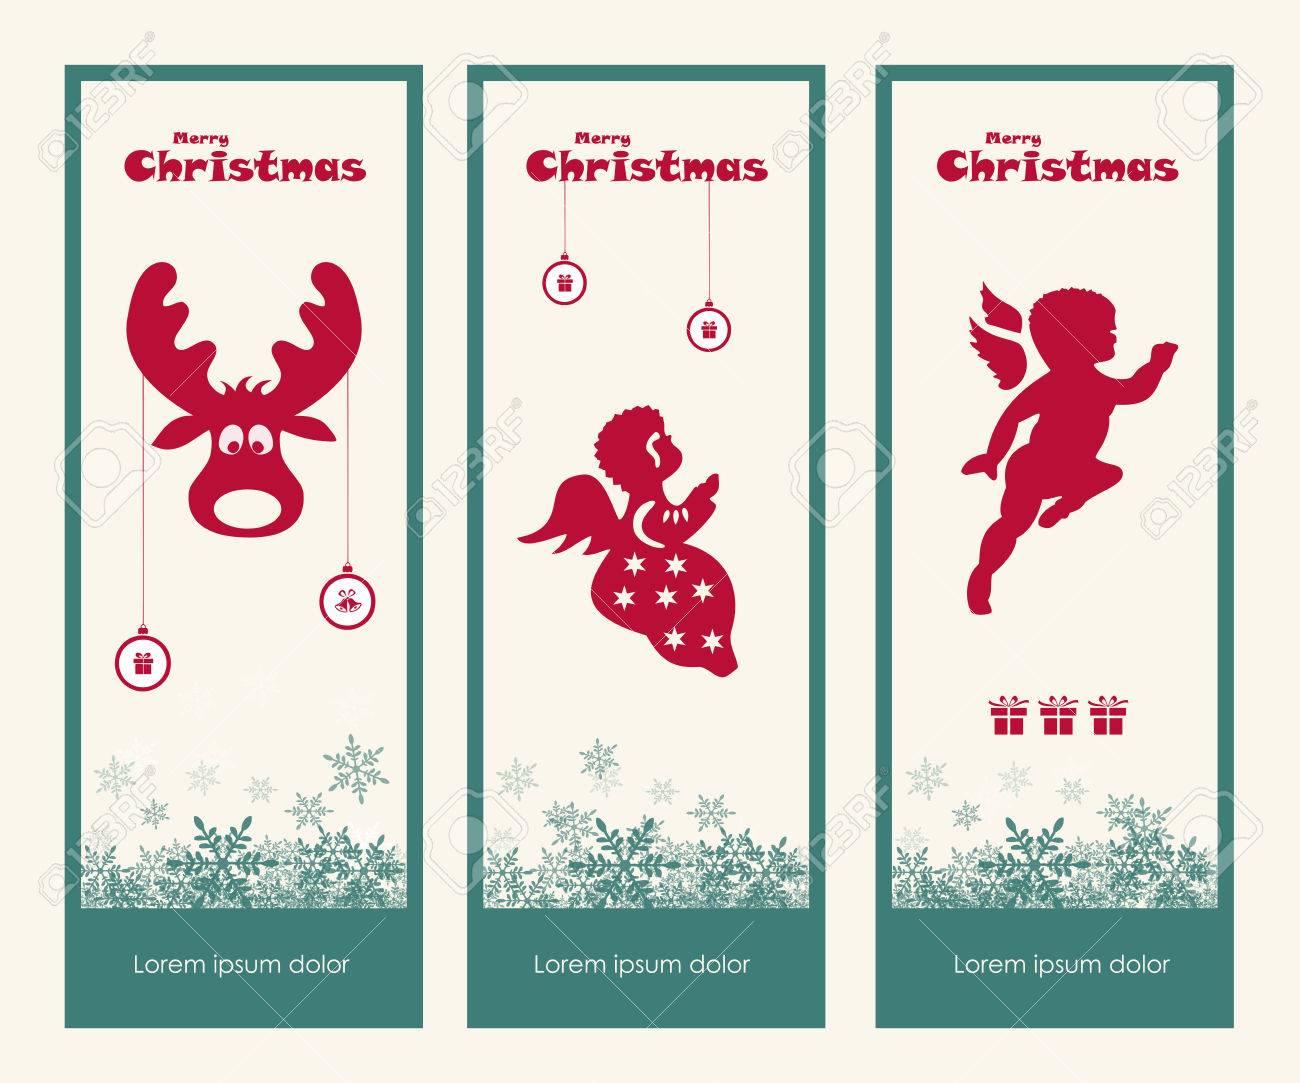 Geschenkanhänger Frohe Weihnachten.Stock Photo